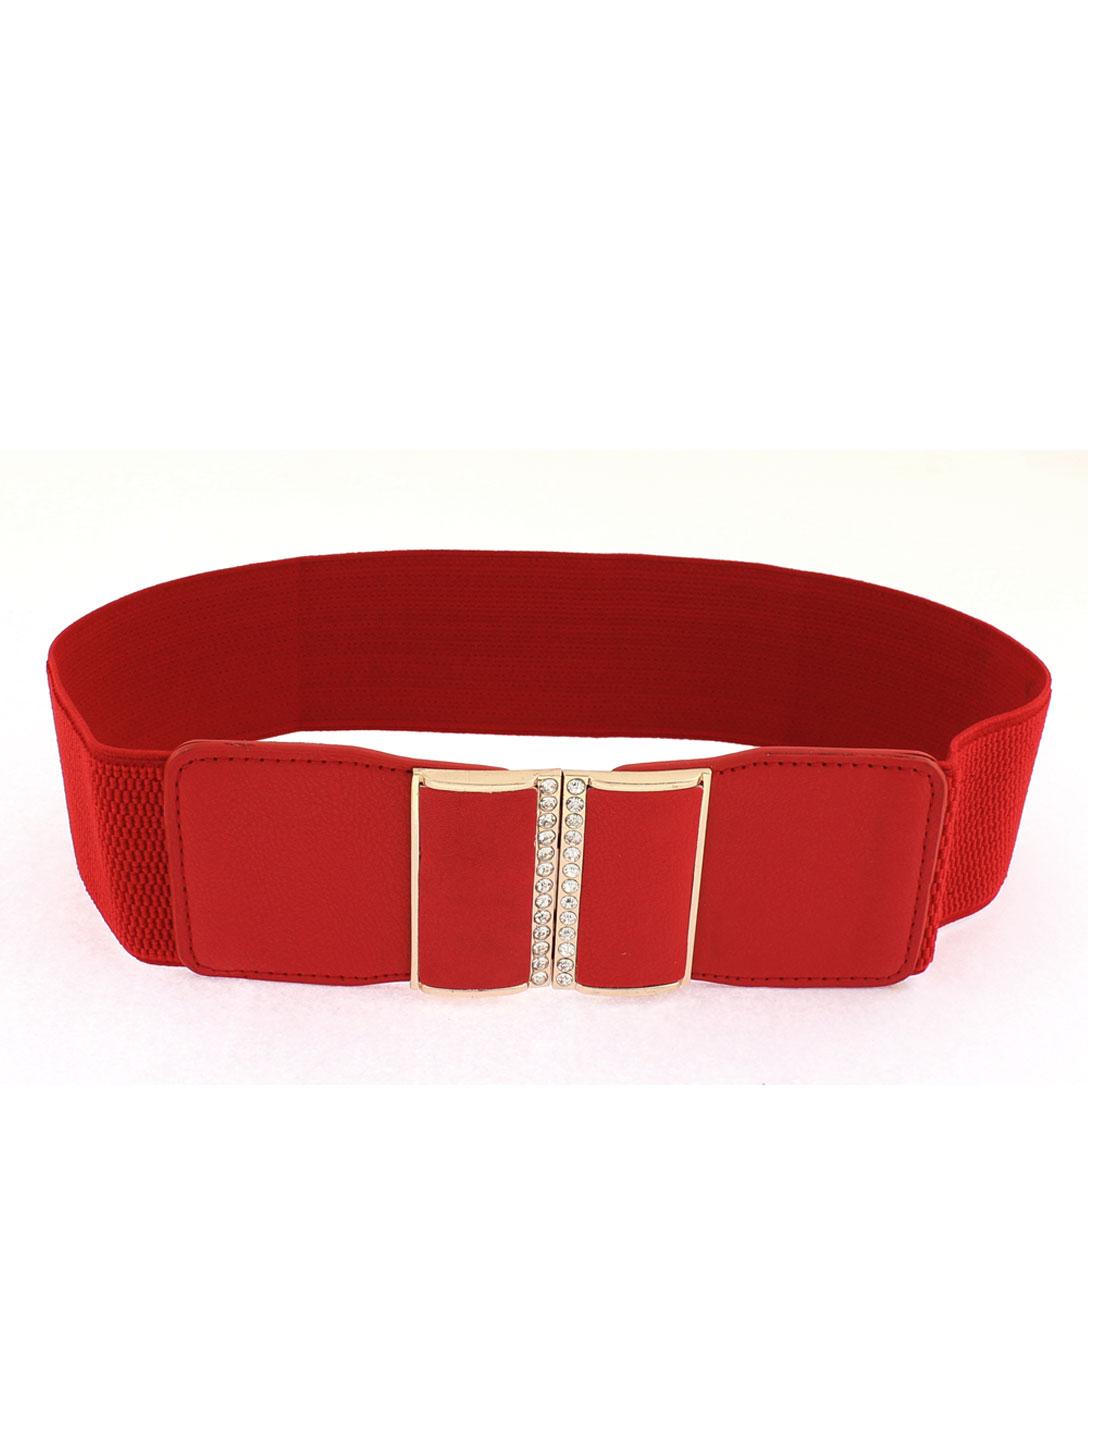 Women Adjustable Elastic Stretch Wide Waistband Waist Belt